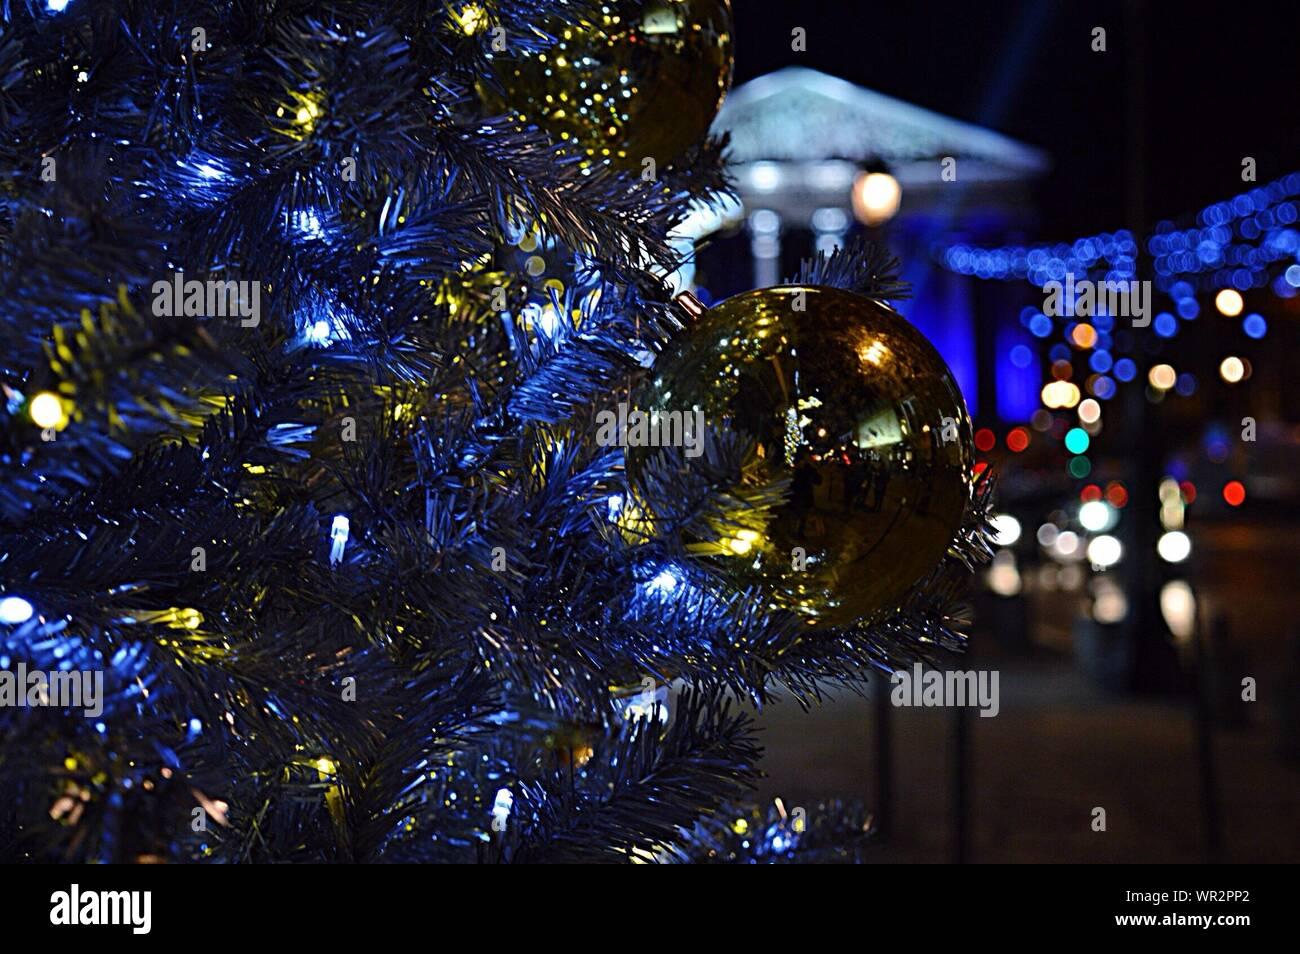 Goldene Christbaumkugel hängen von künstlichen Weihnachtsbaum in der Nacht Stockfoto